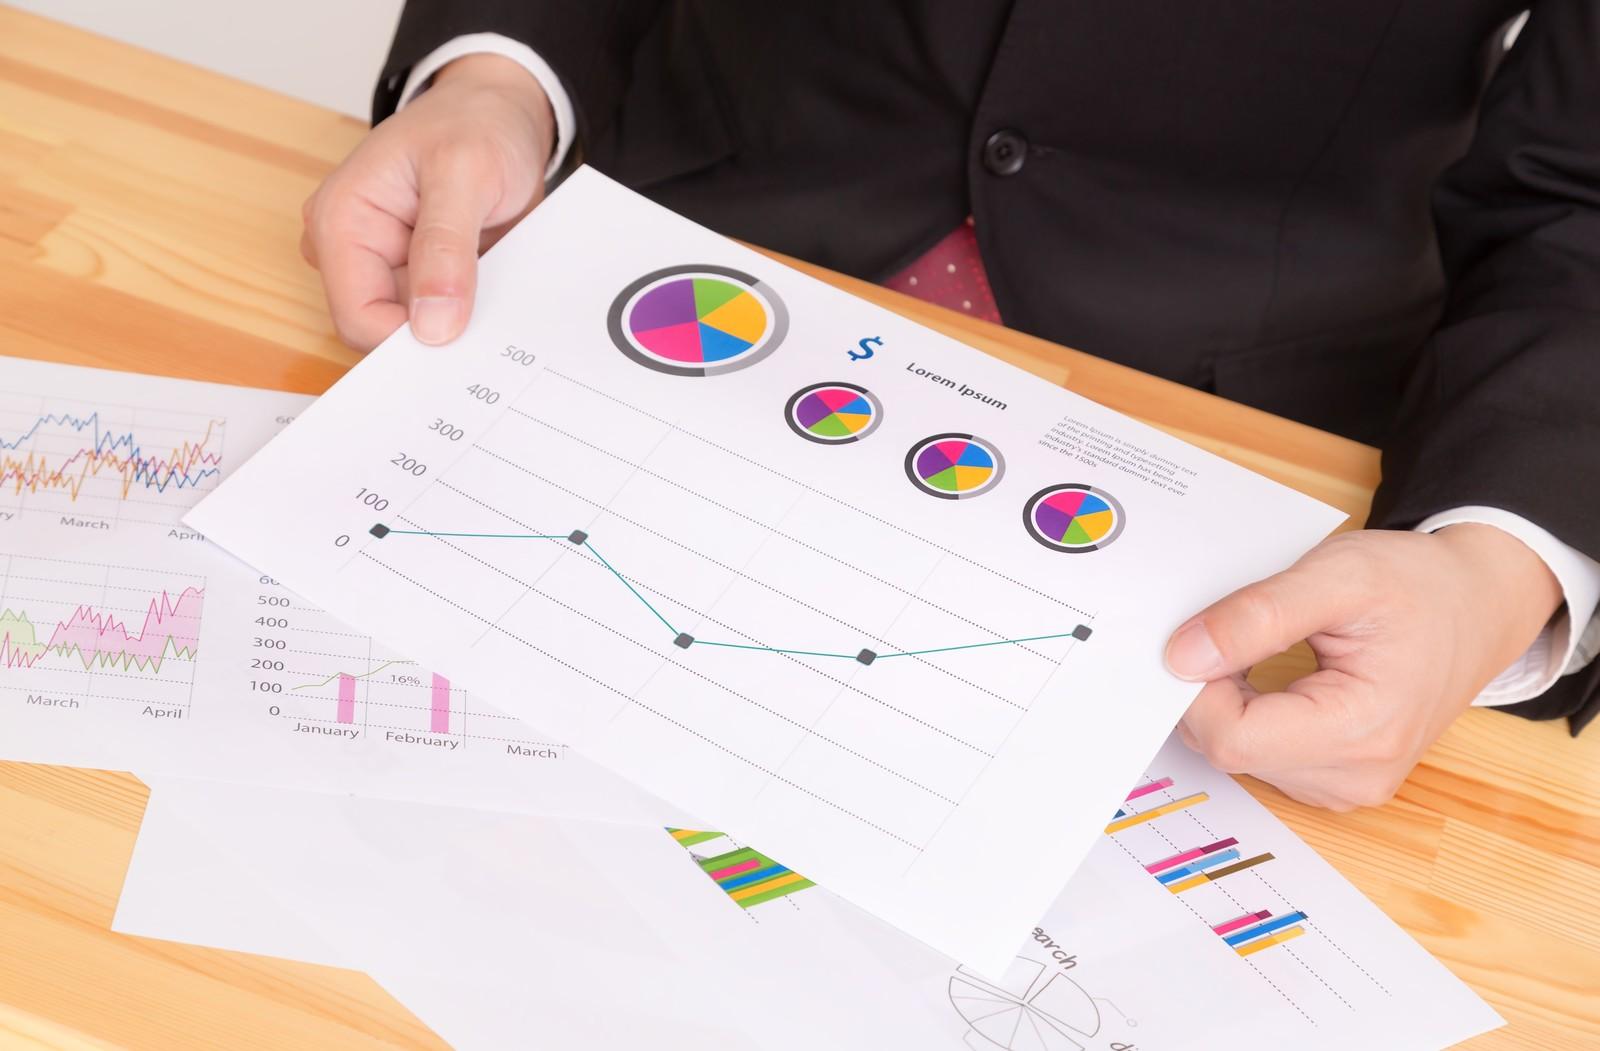 副業として稼げる資格である中小企業診断士が使う資料をイメージした画像